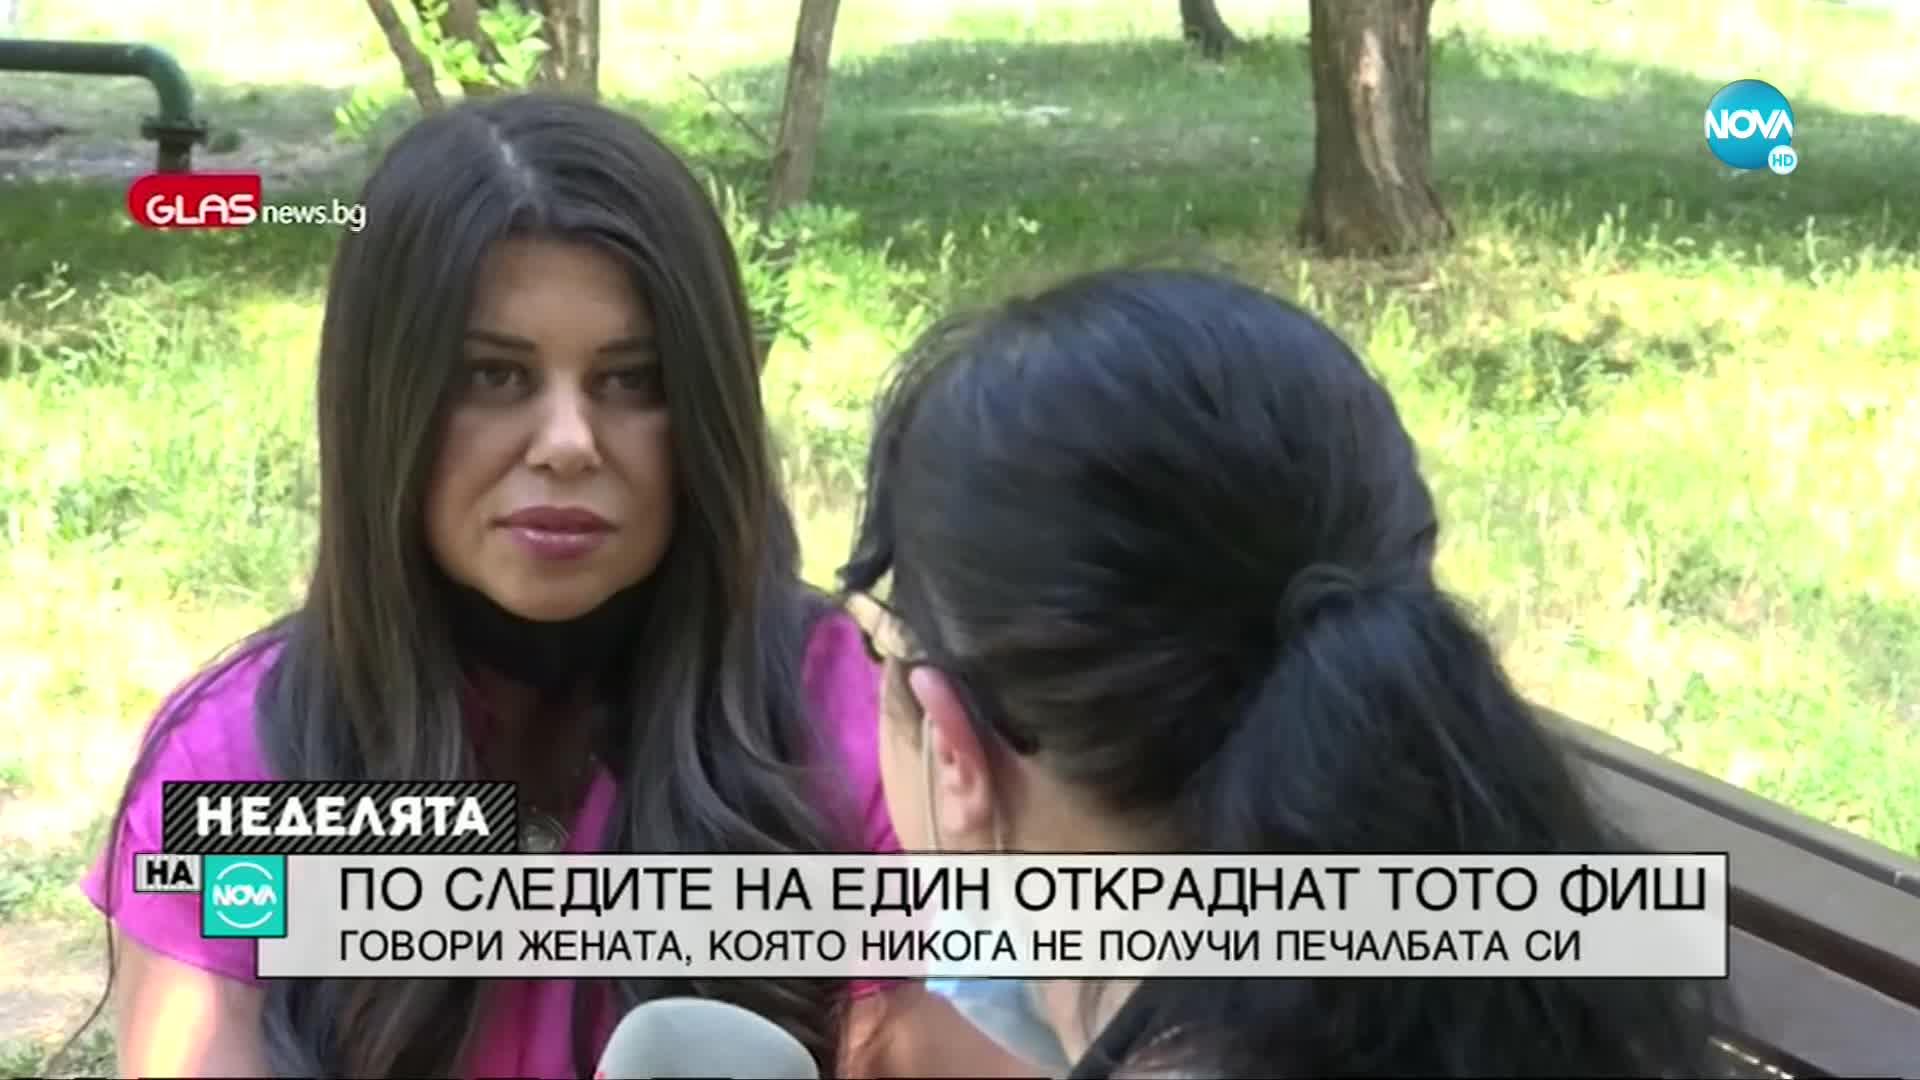 По следите на един откраднат тото фиш: Говори жената, която никога не получи печалбата си